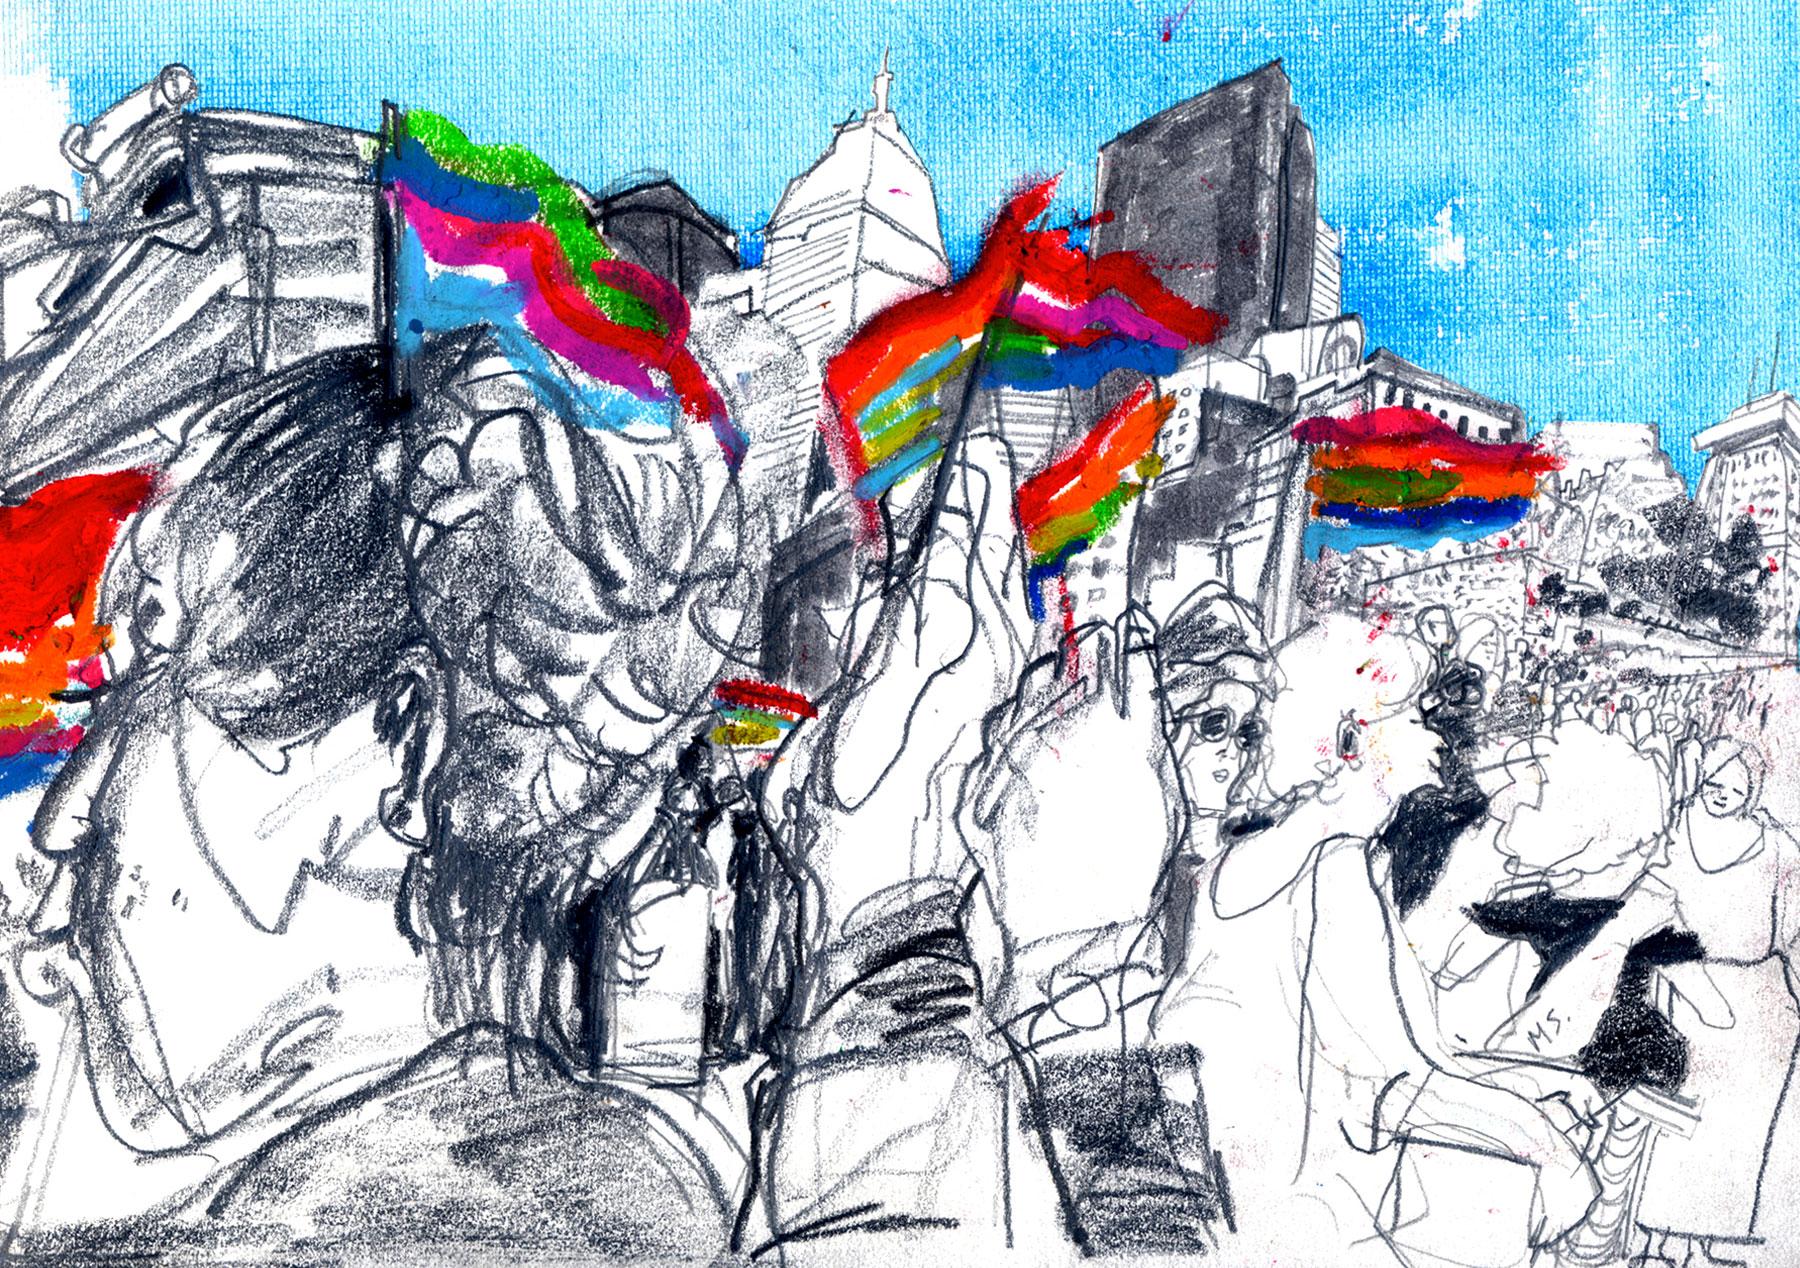 Boston's Pride Week rally, 6/17